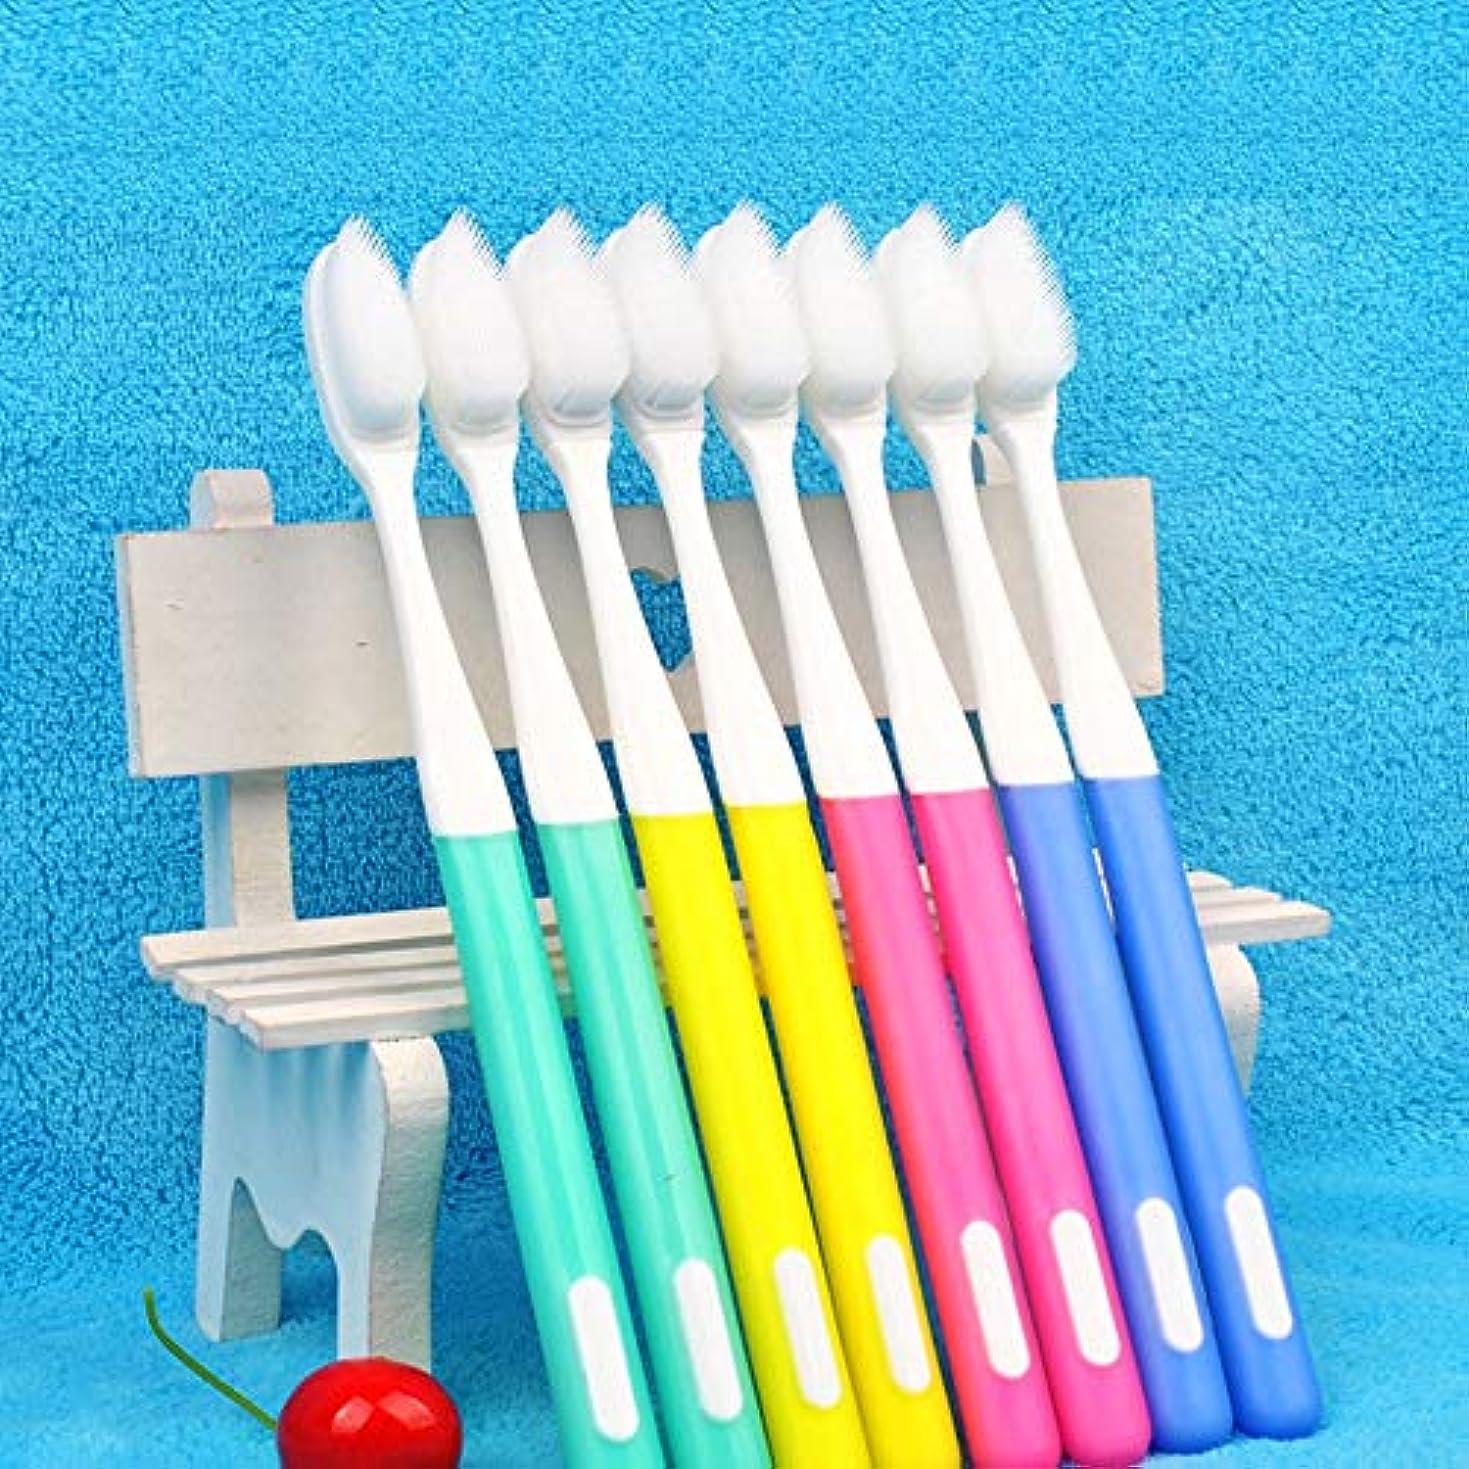 かわいらしいクール湿った歯ブラシ 10パック柔らかい歯ブラシ、ナノ大人歯ブラシ、環境にやさしいシリコン歯ブラシを - 利用可能な2つのスタイル KHL (色 : B, サイズ : 10 packs)